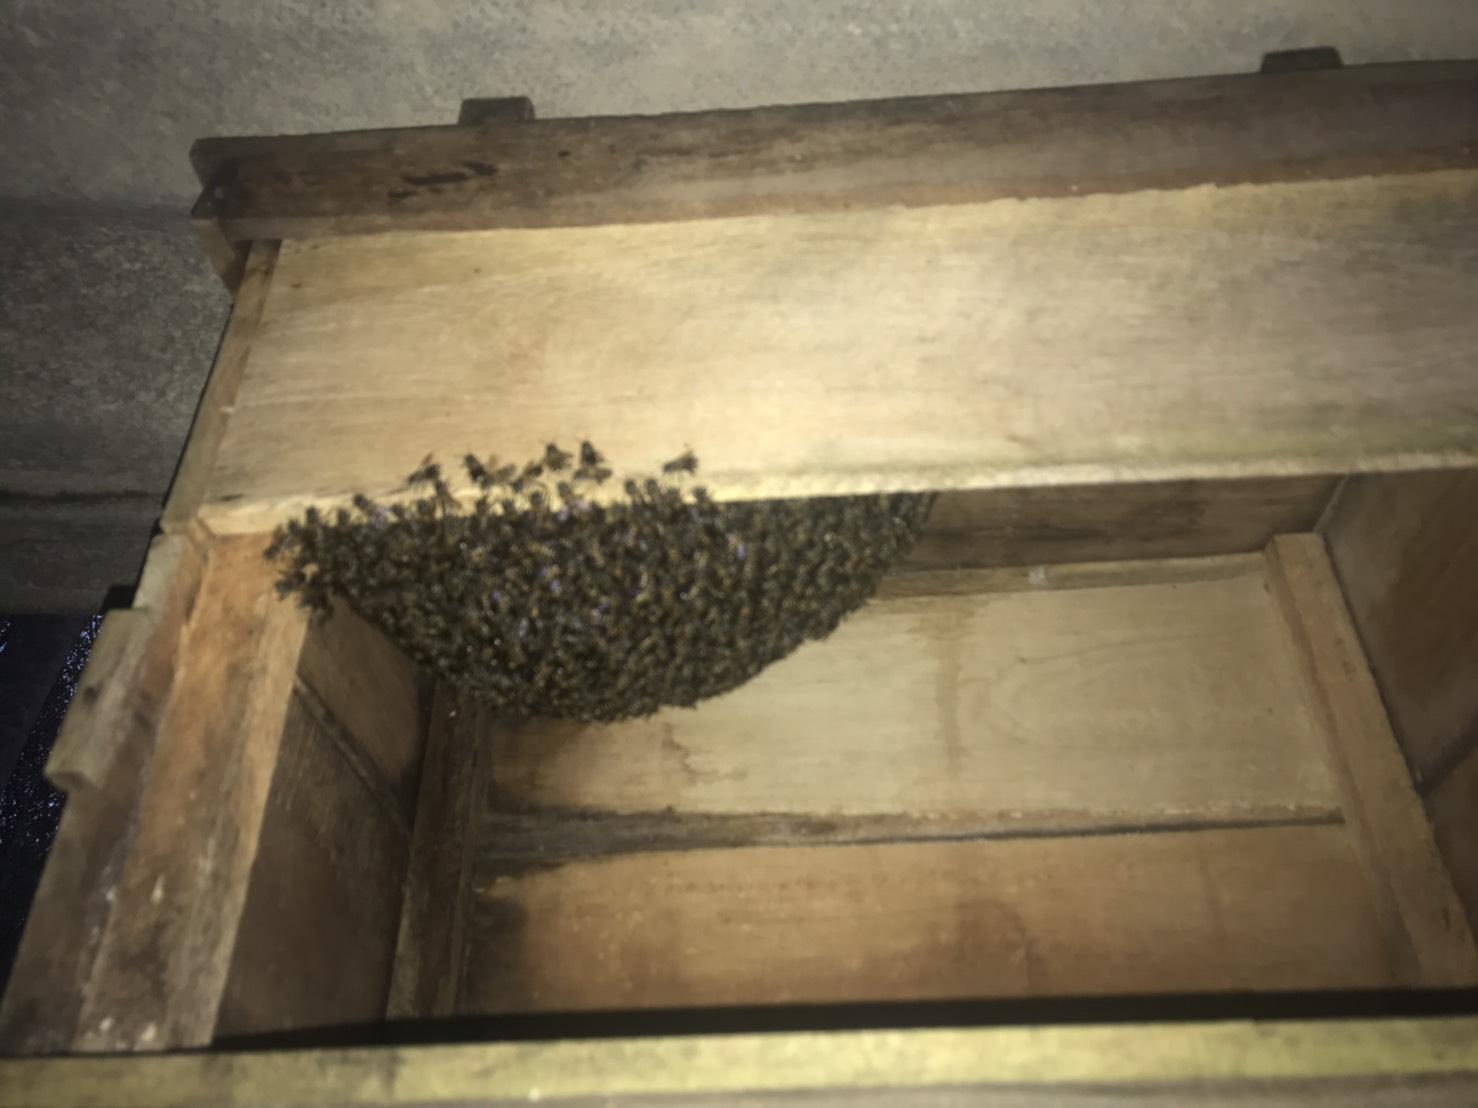 แมลงเศรษฐกิจ ผึ้งโพรงบ้านไสใหญ่ กับความสำเร็จแปลงใหญ่ สร้างมูลค่ากว่าปีละ 3.5 ล้านบาท